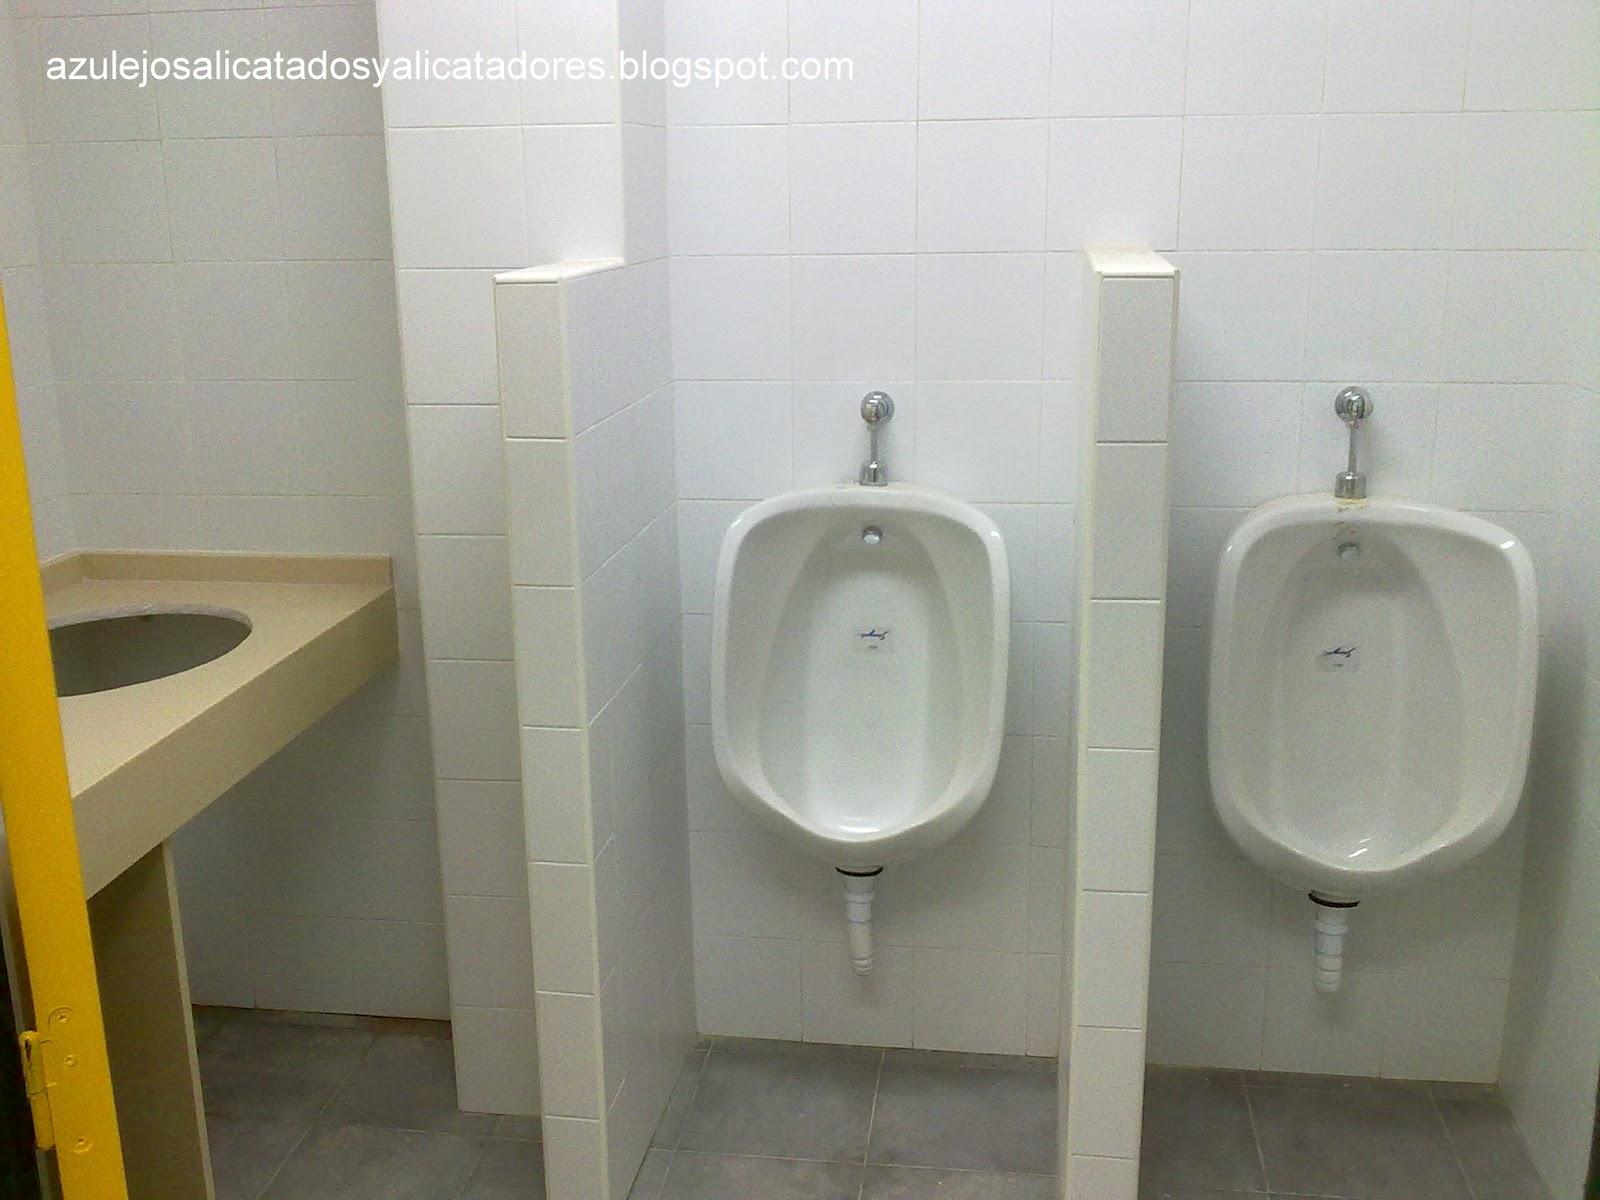 Azulejos Baño Huelva:AZULEJOS, ALICATADOS Y ALICATADORES: REFORMA Y AMPLIACIÓN COLEGIO